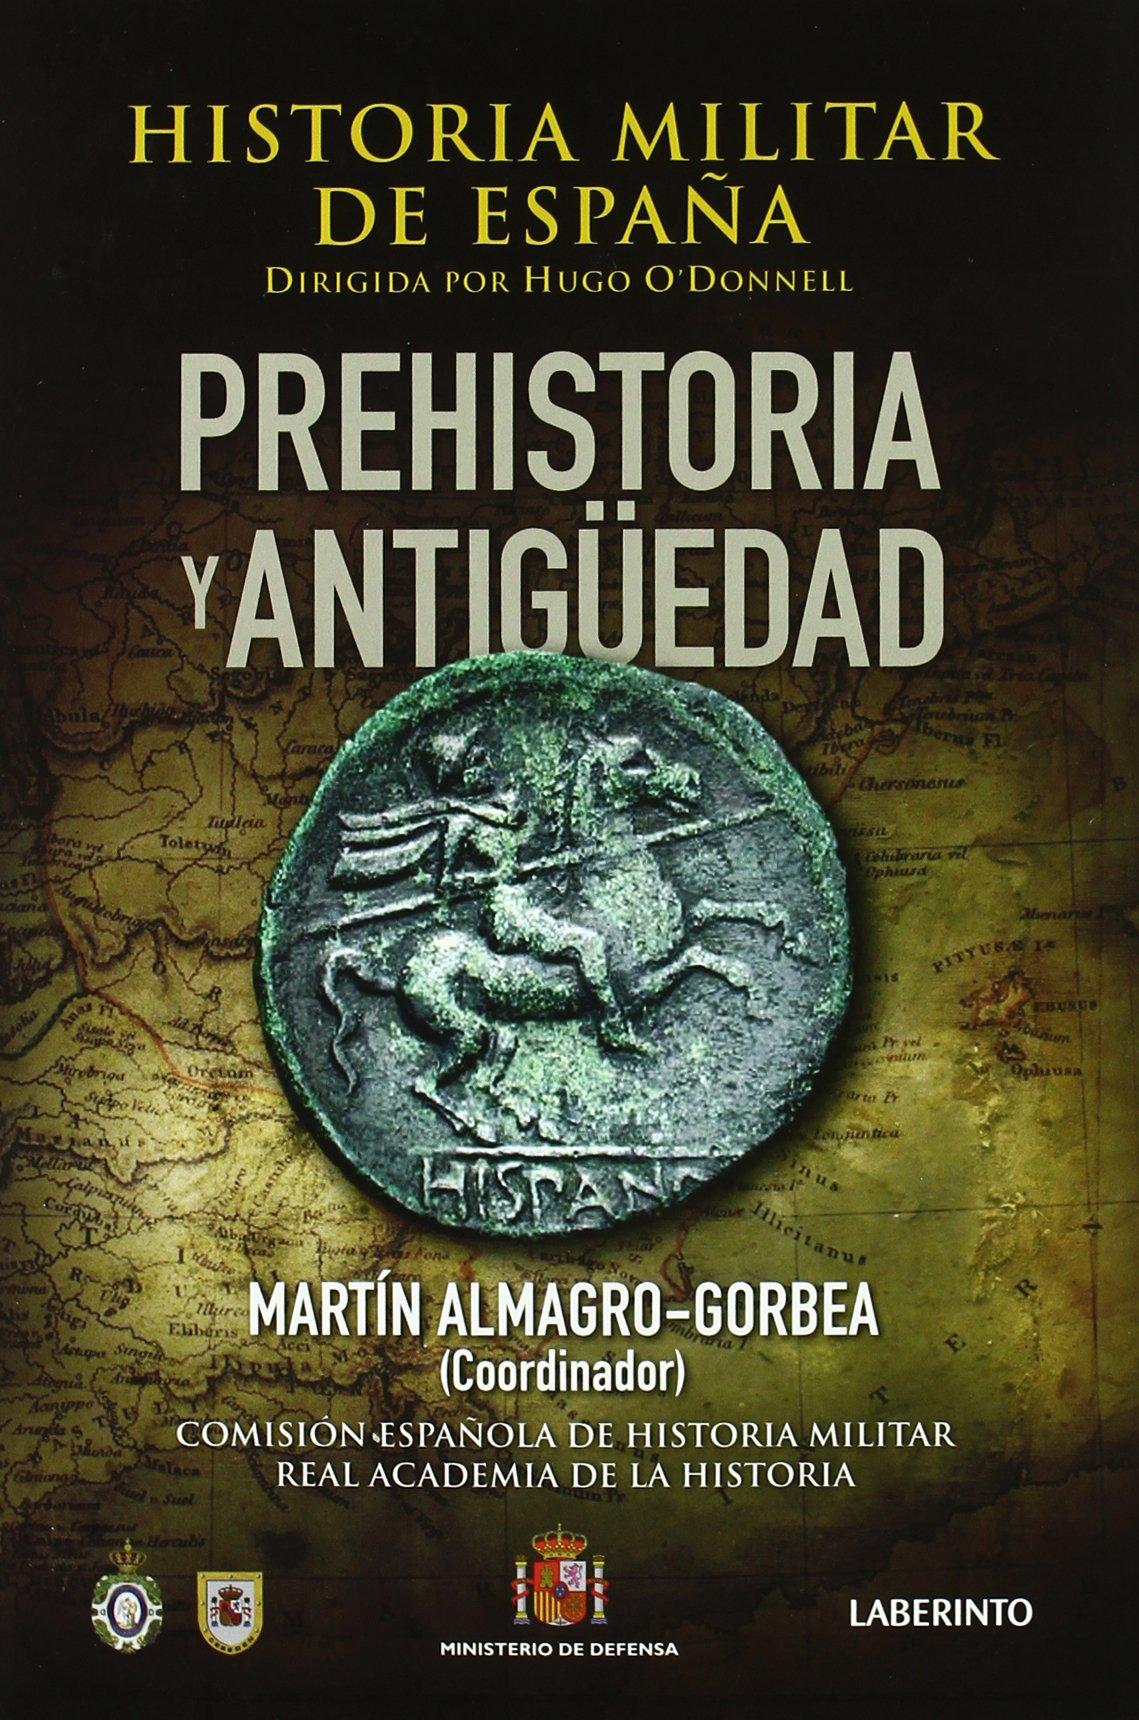 Historia Militar de España: Prehistoria y Antigüedad: 1: Amazon.es: Almagro Gorbea, Martín, ODonnell y Duque de Estrada, Hugo: Libros